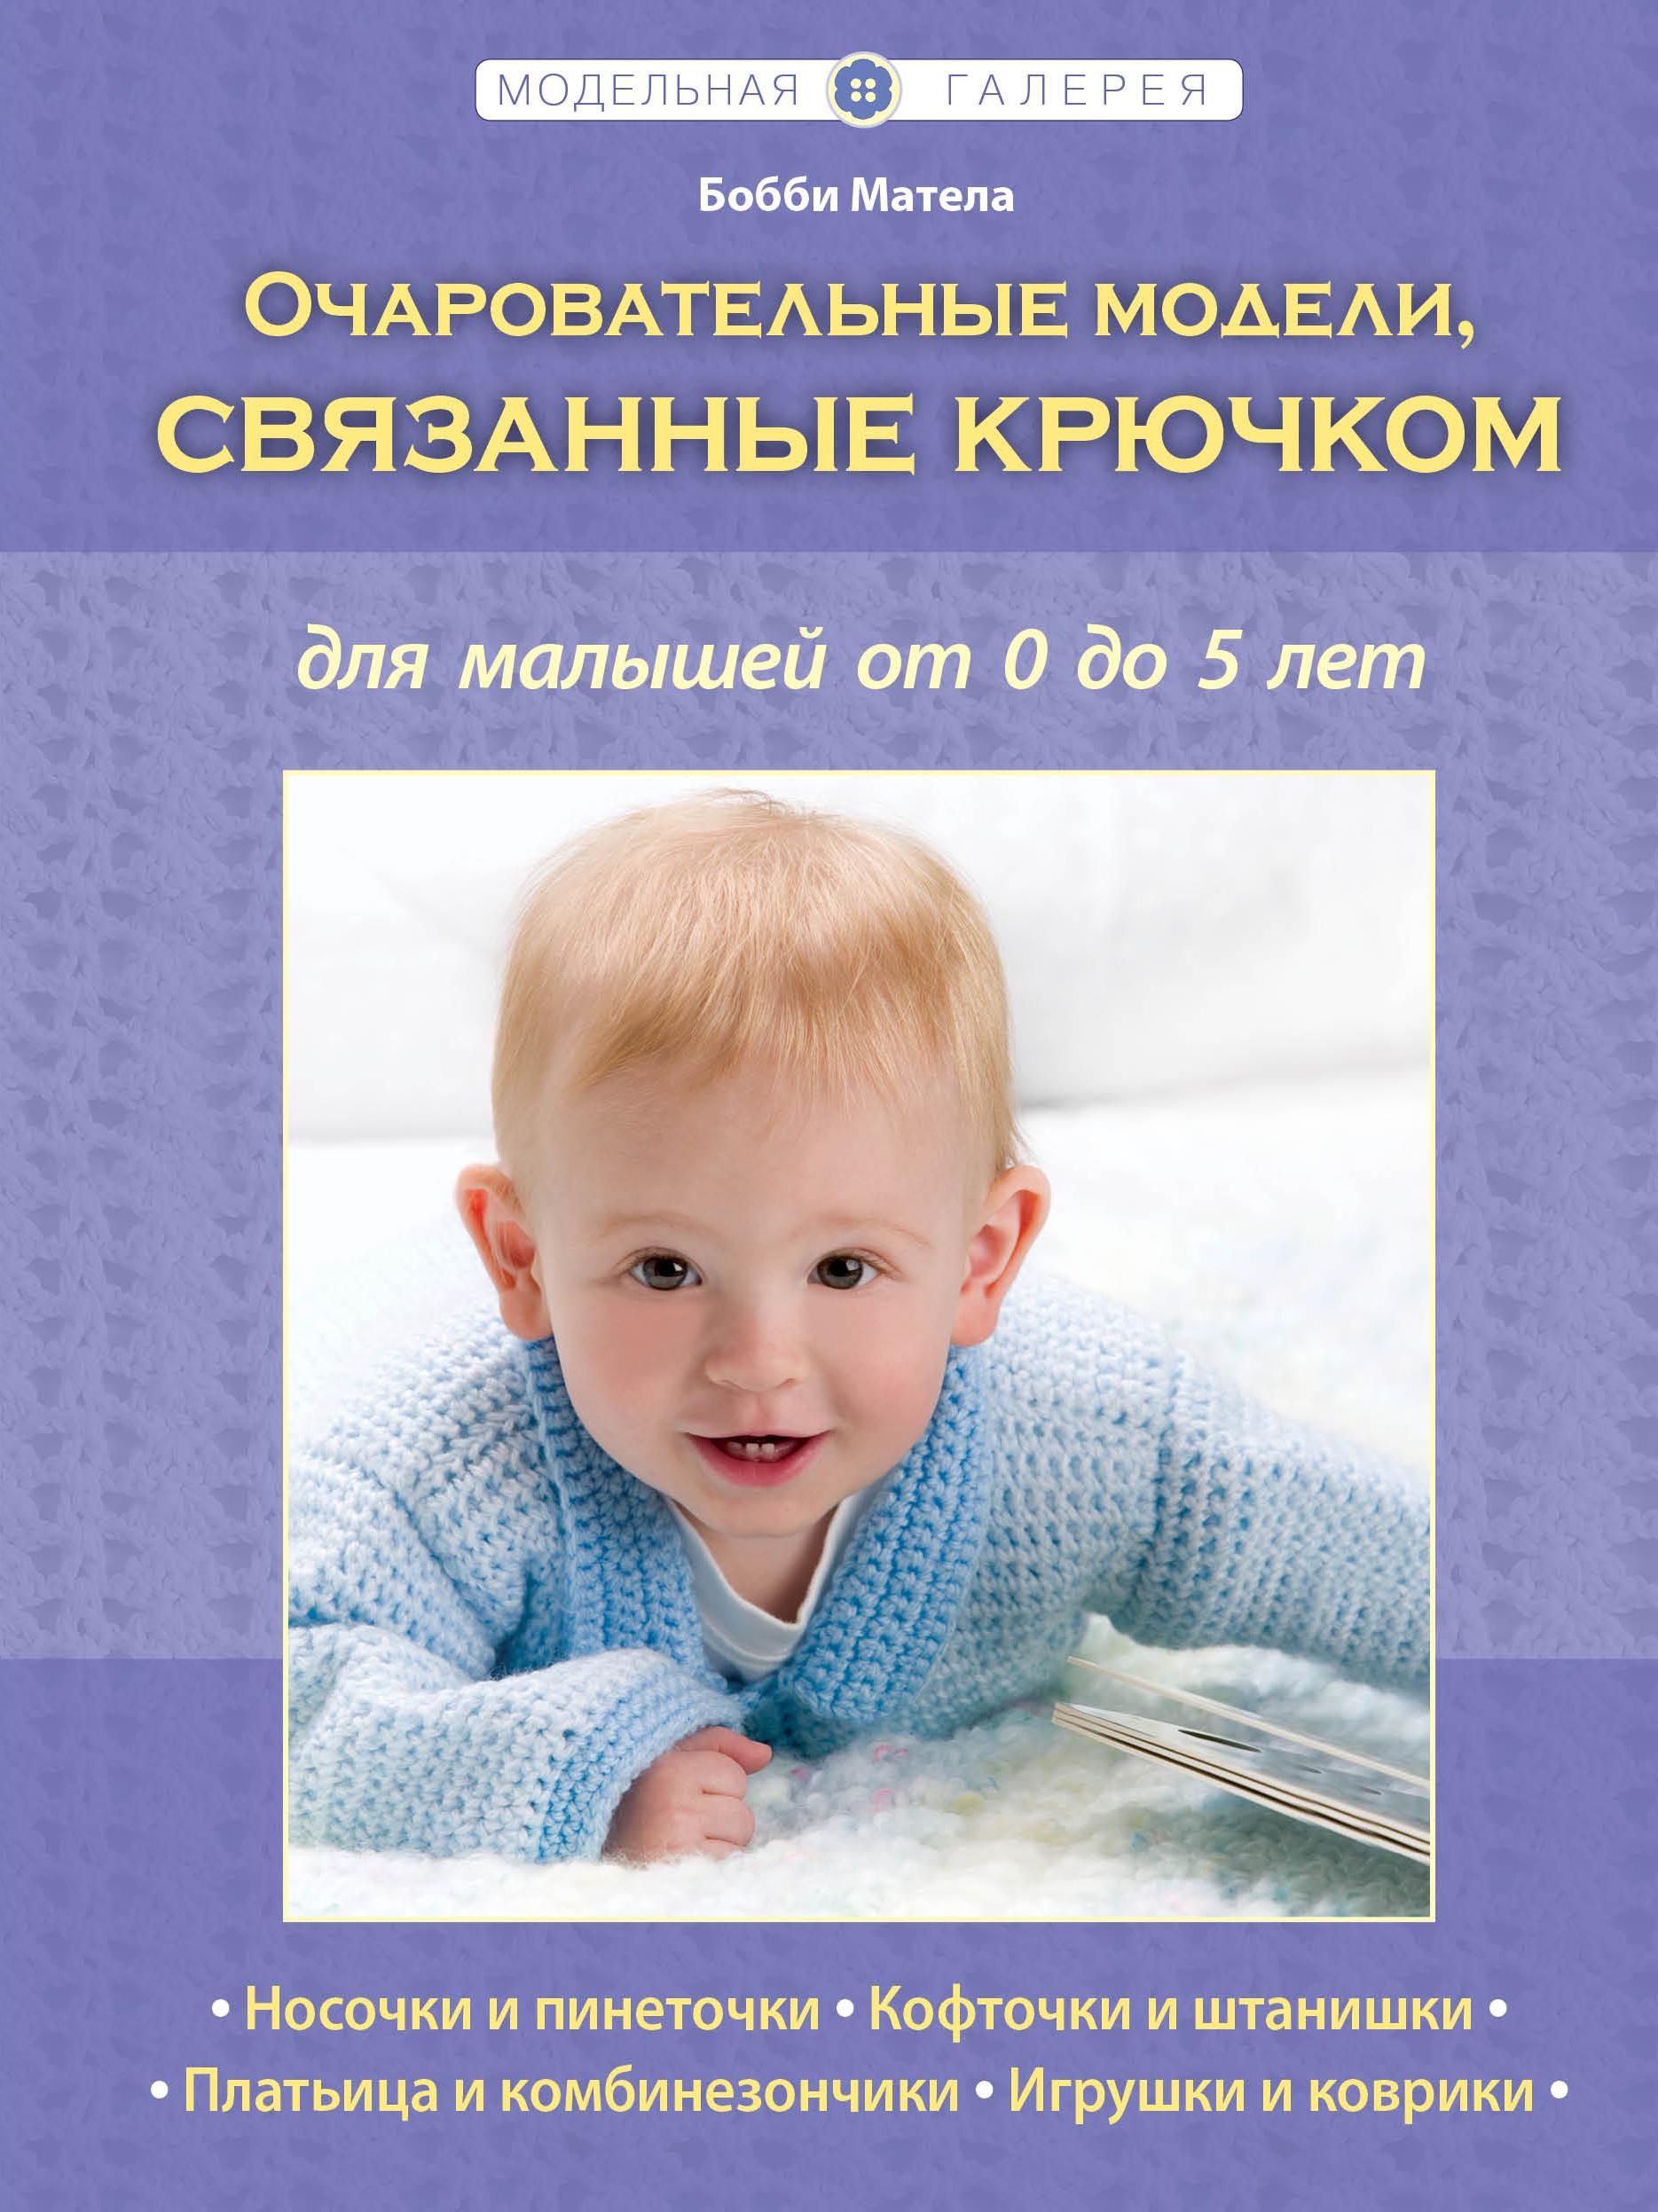 Матела Б. Очаровательные модели, связанные крючком, для малышей от 0 до 5 лет (Рукоделие. Модельная галерея) эксмо очаровательные модели связанные крючком для малышей от 0 до 5 лет книга в суперобложке